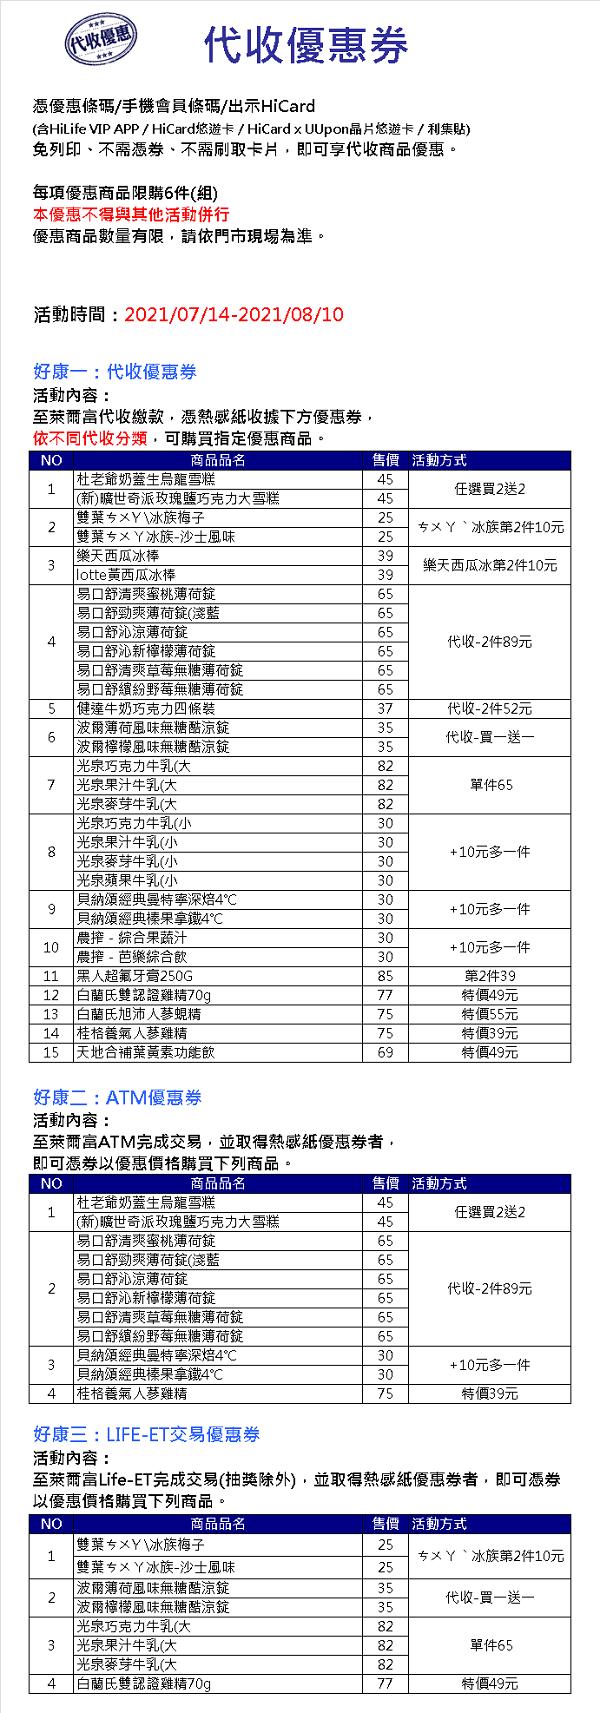 萊爾富 》Hi省代收優惠 【2021/8/10 止】